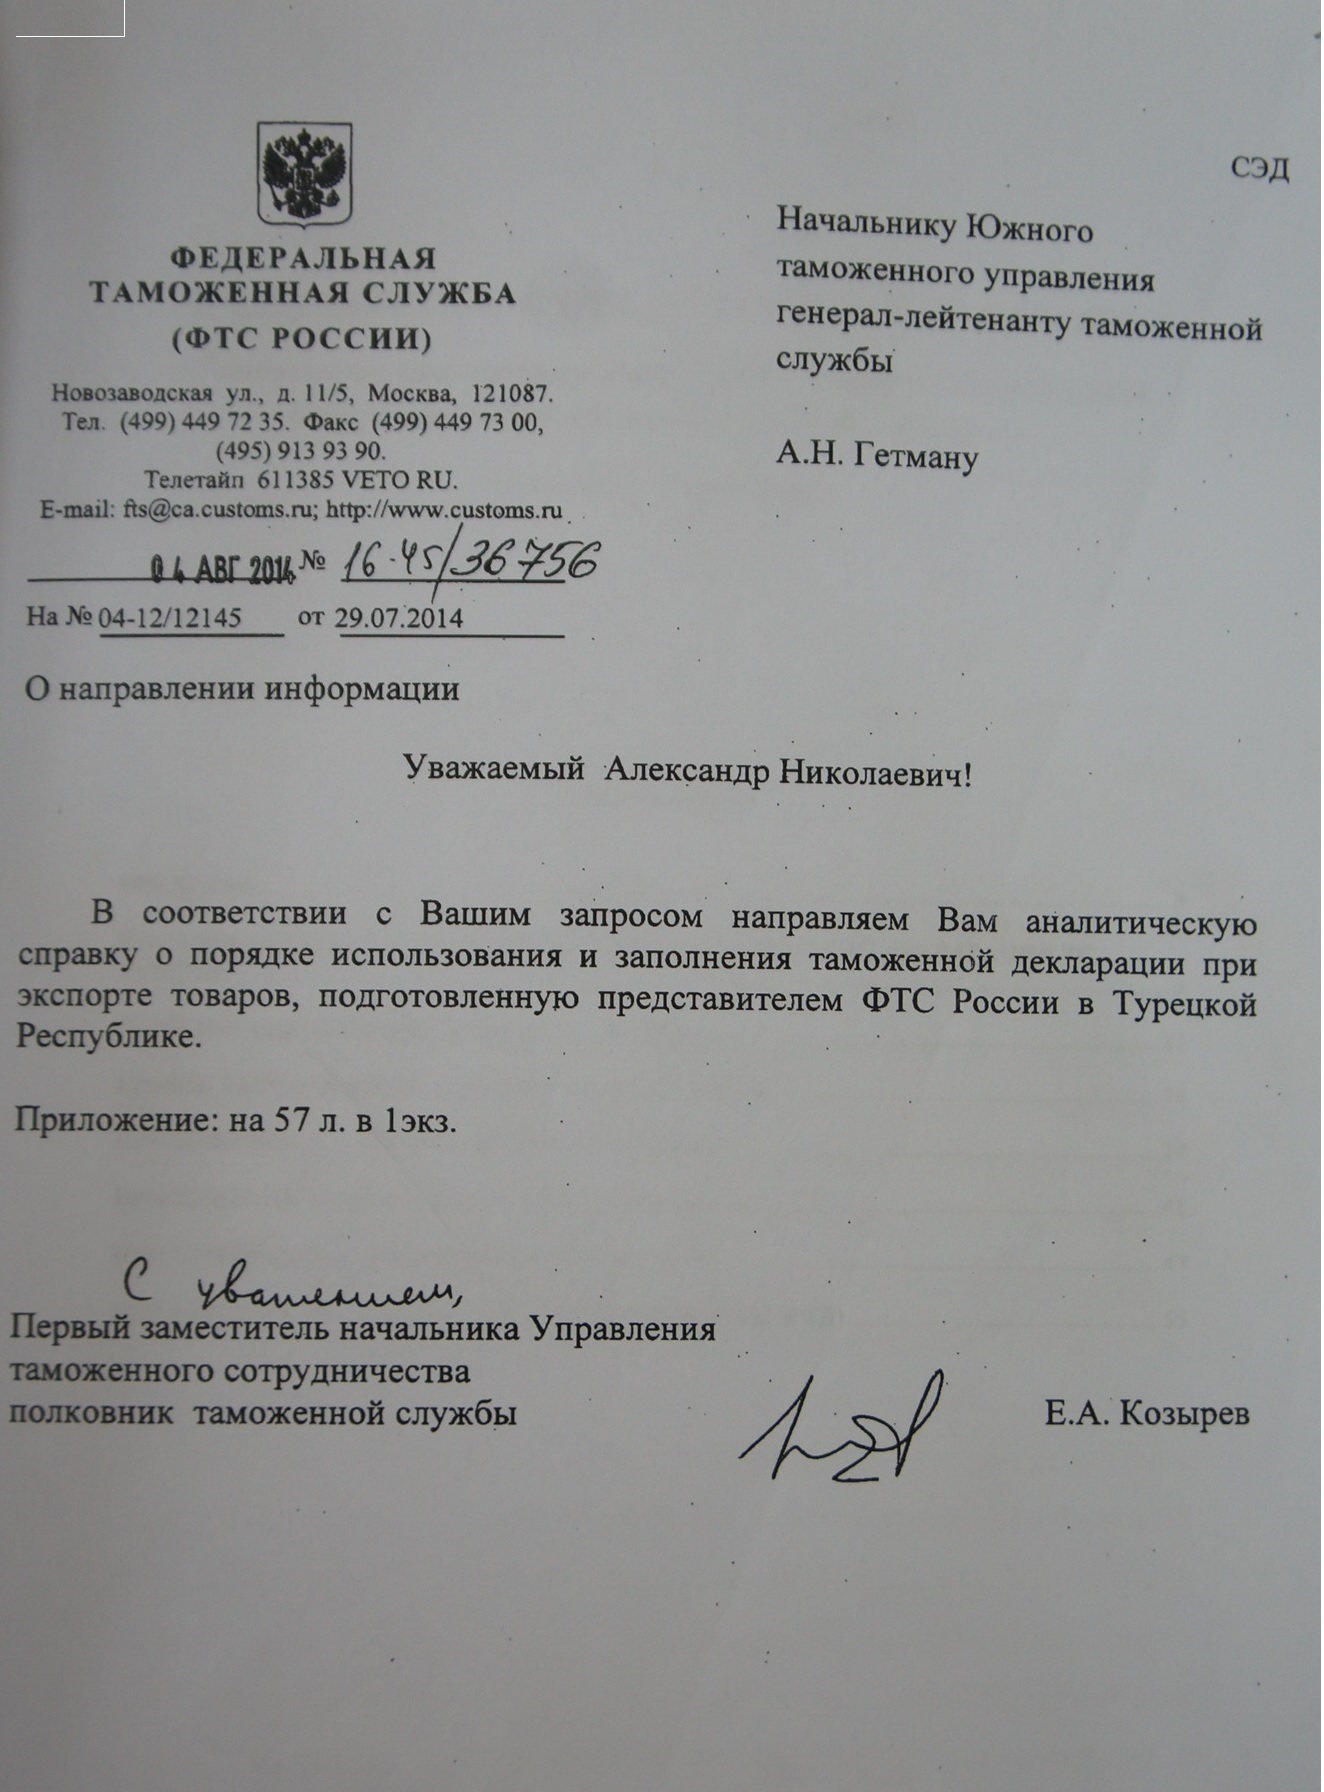 декларация 2013 украина чистый бланк